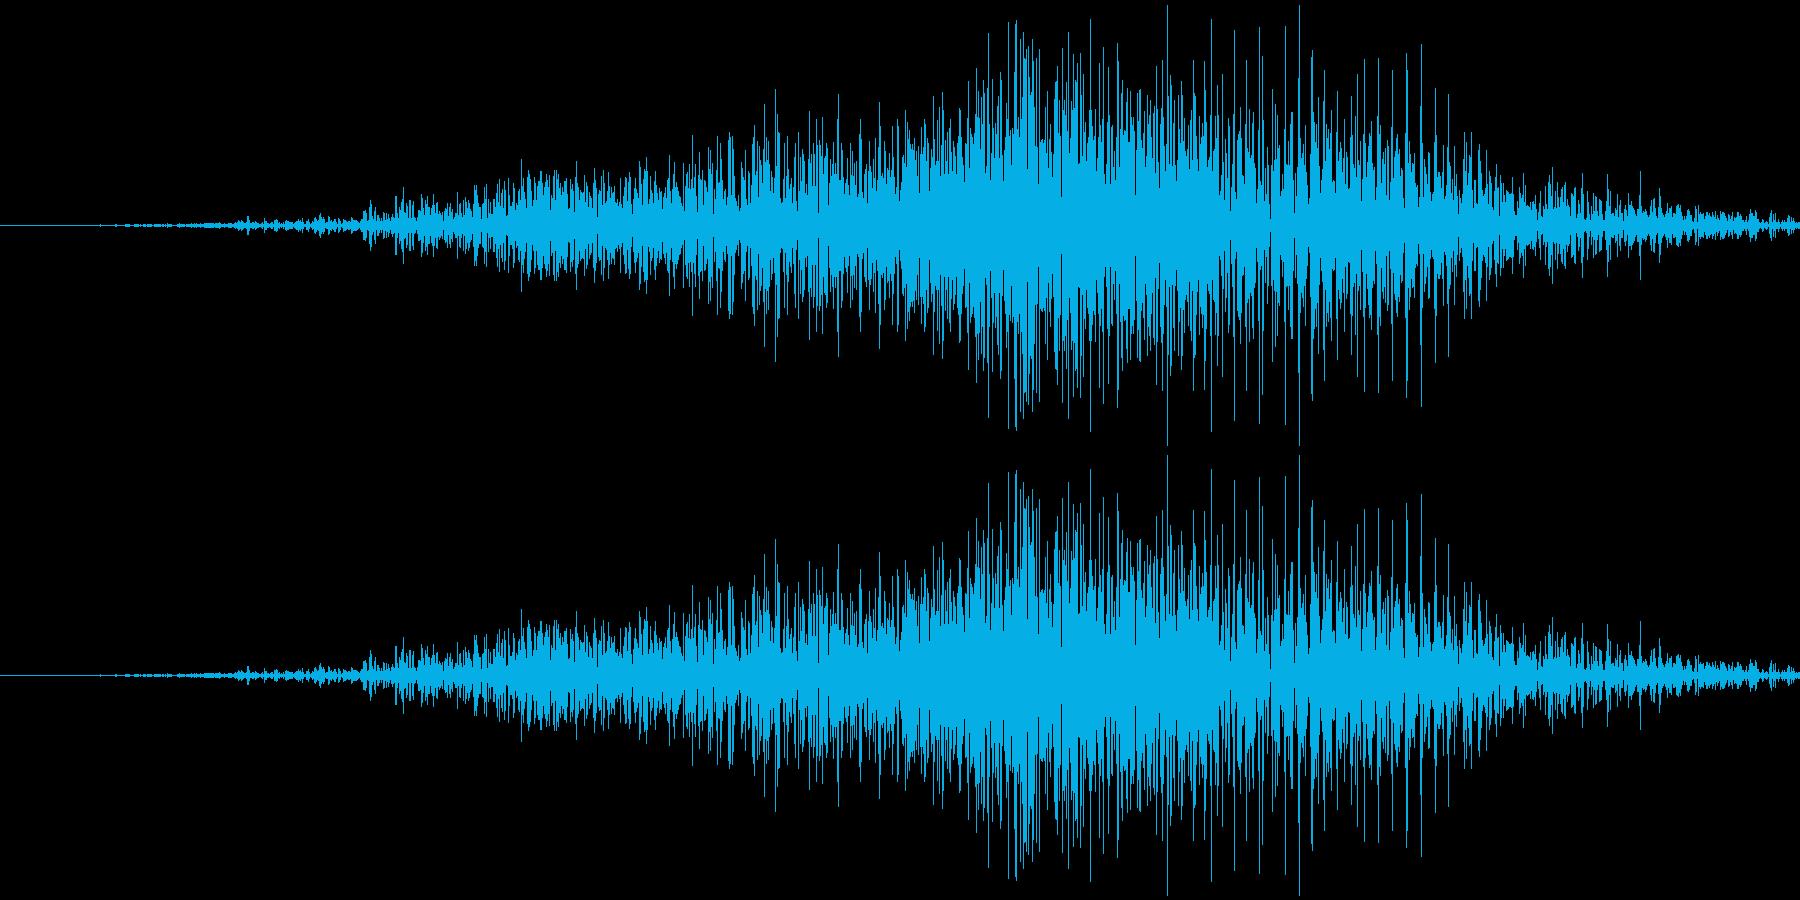 ファスナーの音の再生済みの波形